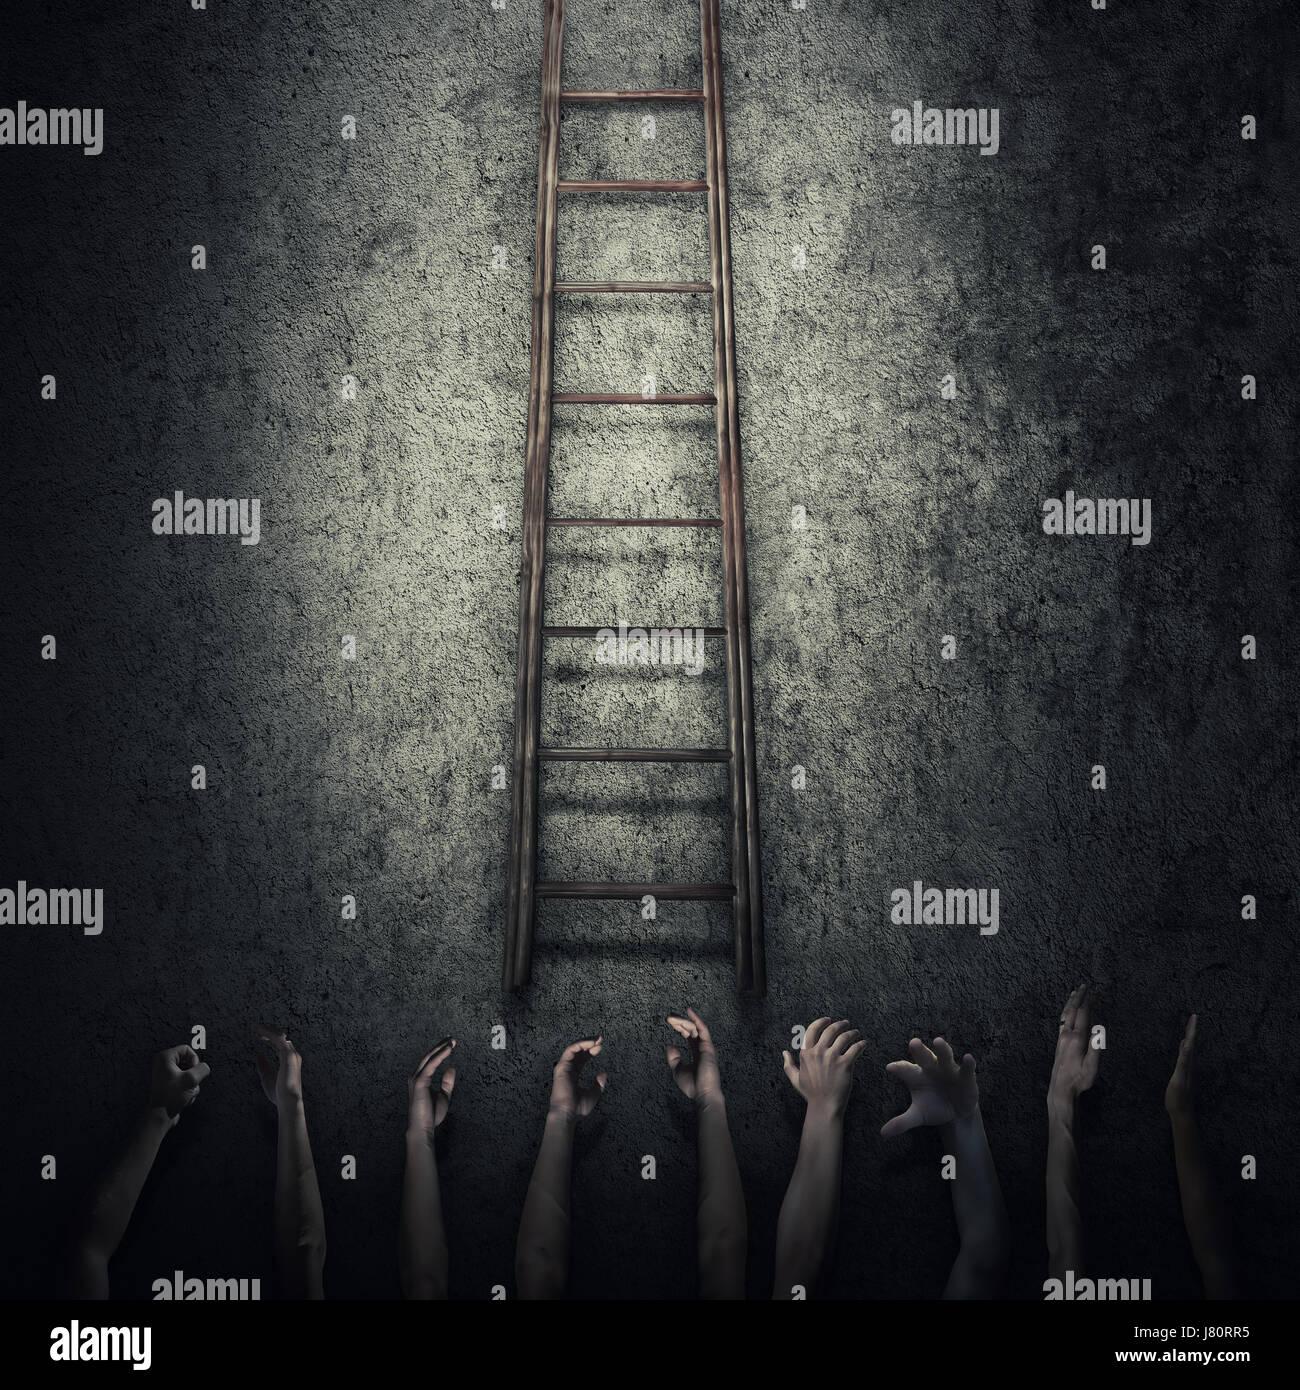 Idea abstracta concepto como un montón de manos humanas estirada para llegar a una escalera y escapar de una habitación Foto de stock